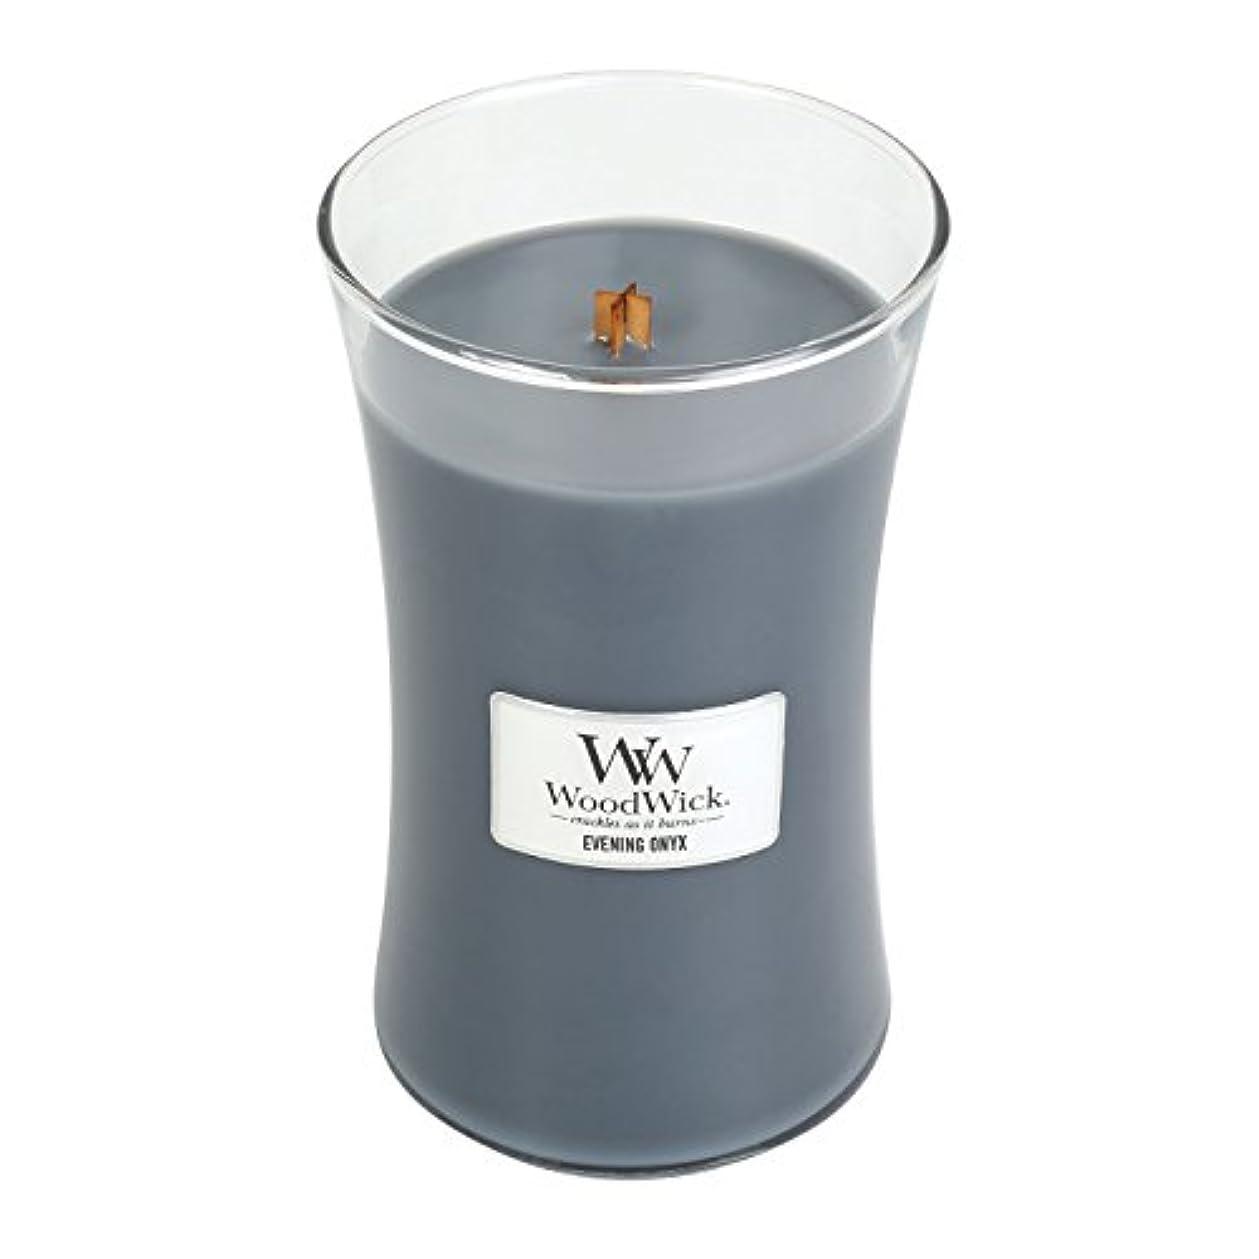 オッズあいまいさばかWoodWick EVENING ONYX, Highly Scented Candle, Classic Hourglass Jar, Large 18cm, 640ml